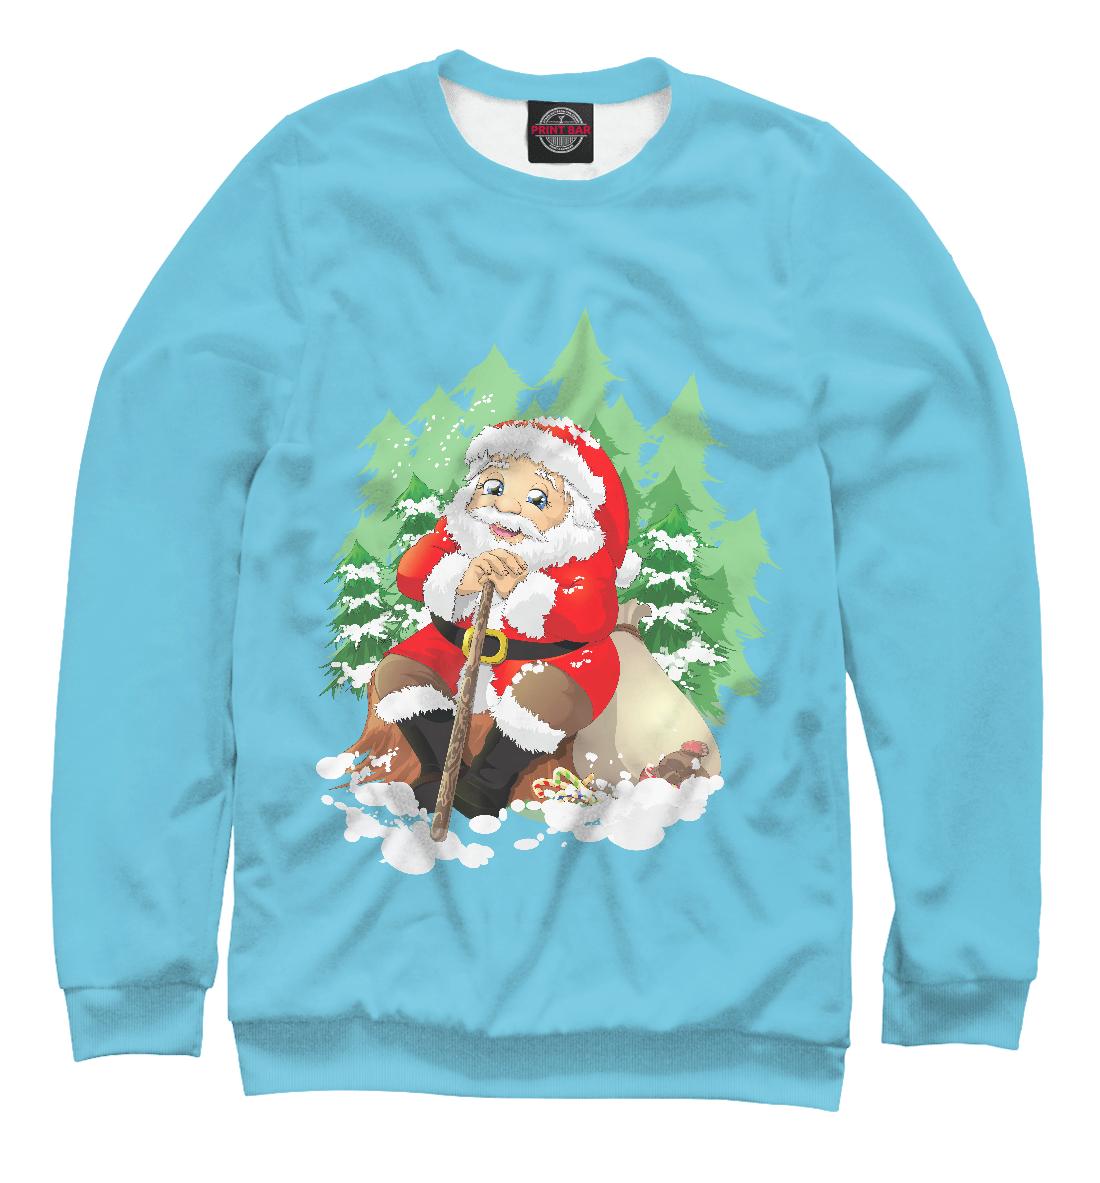 Купить Дед Мороз, Printbar, Свитшоты, DMZ-313847-swi-1